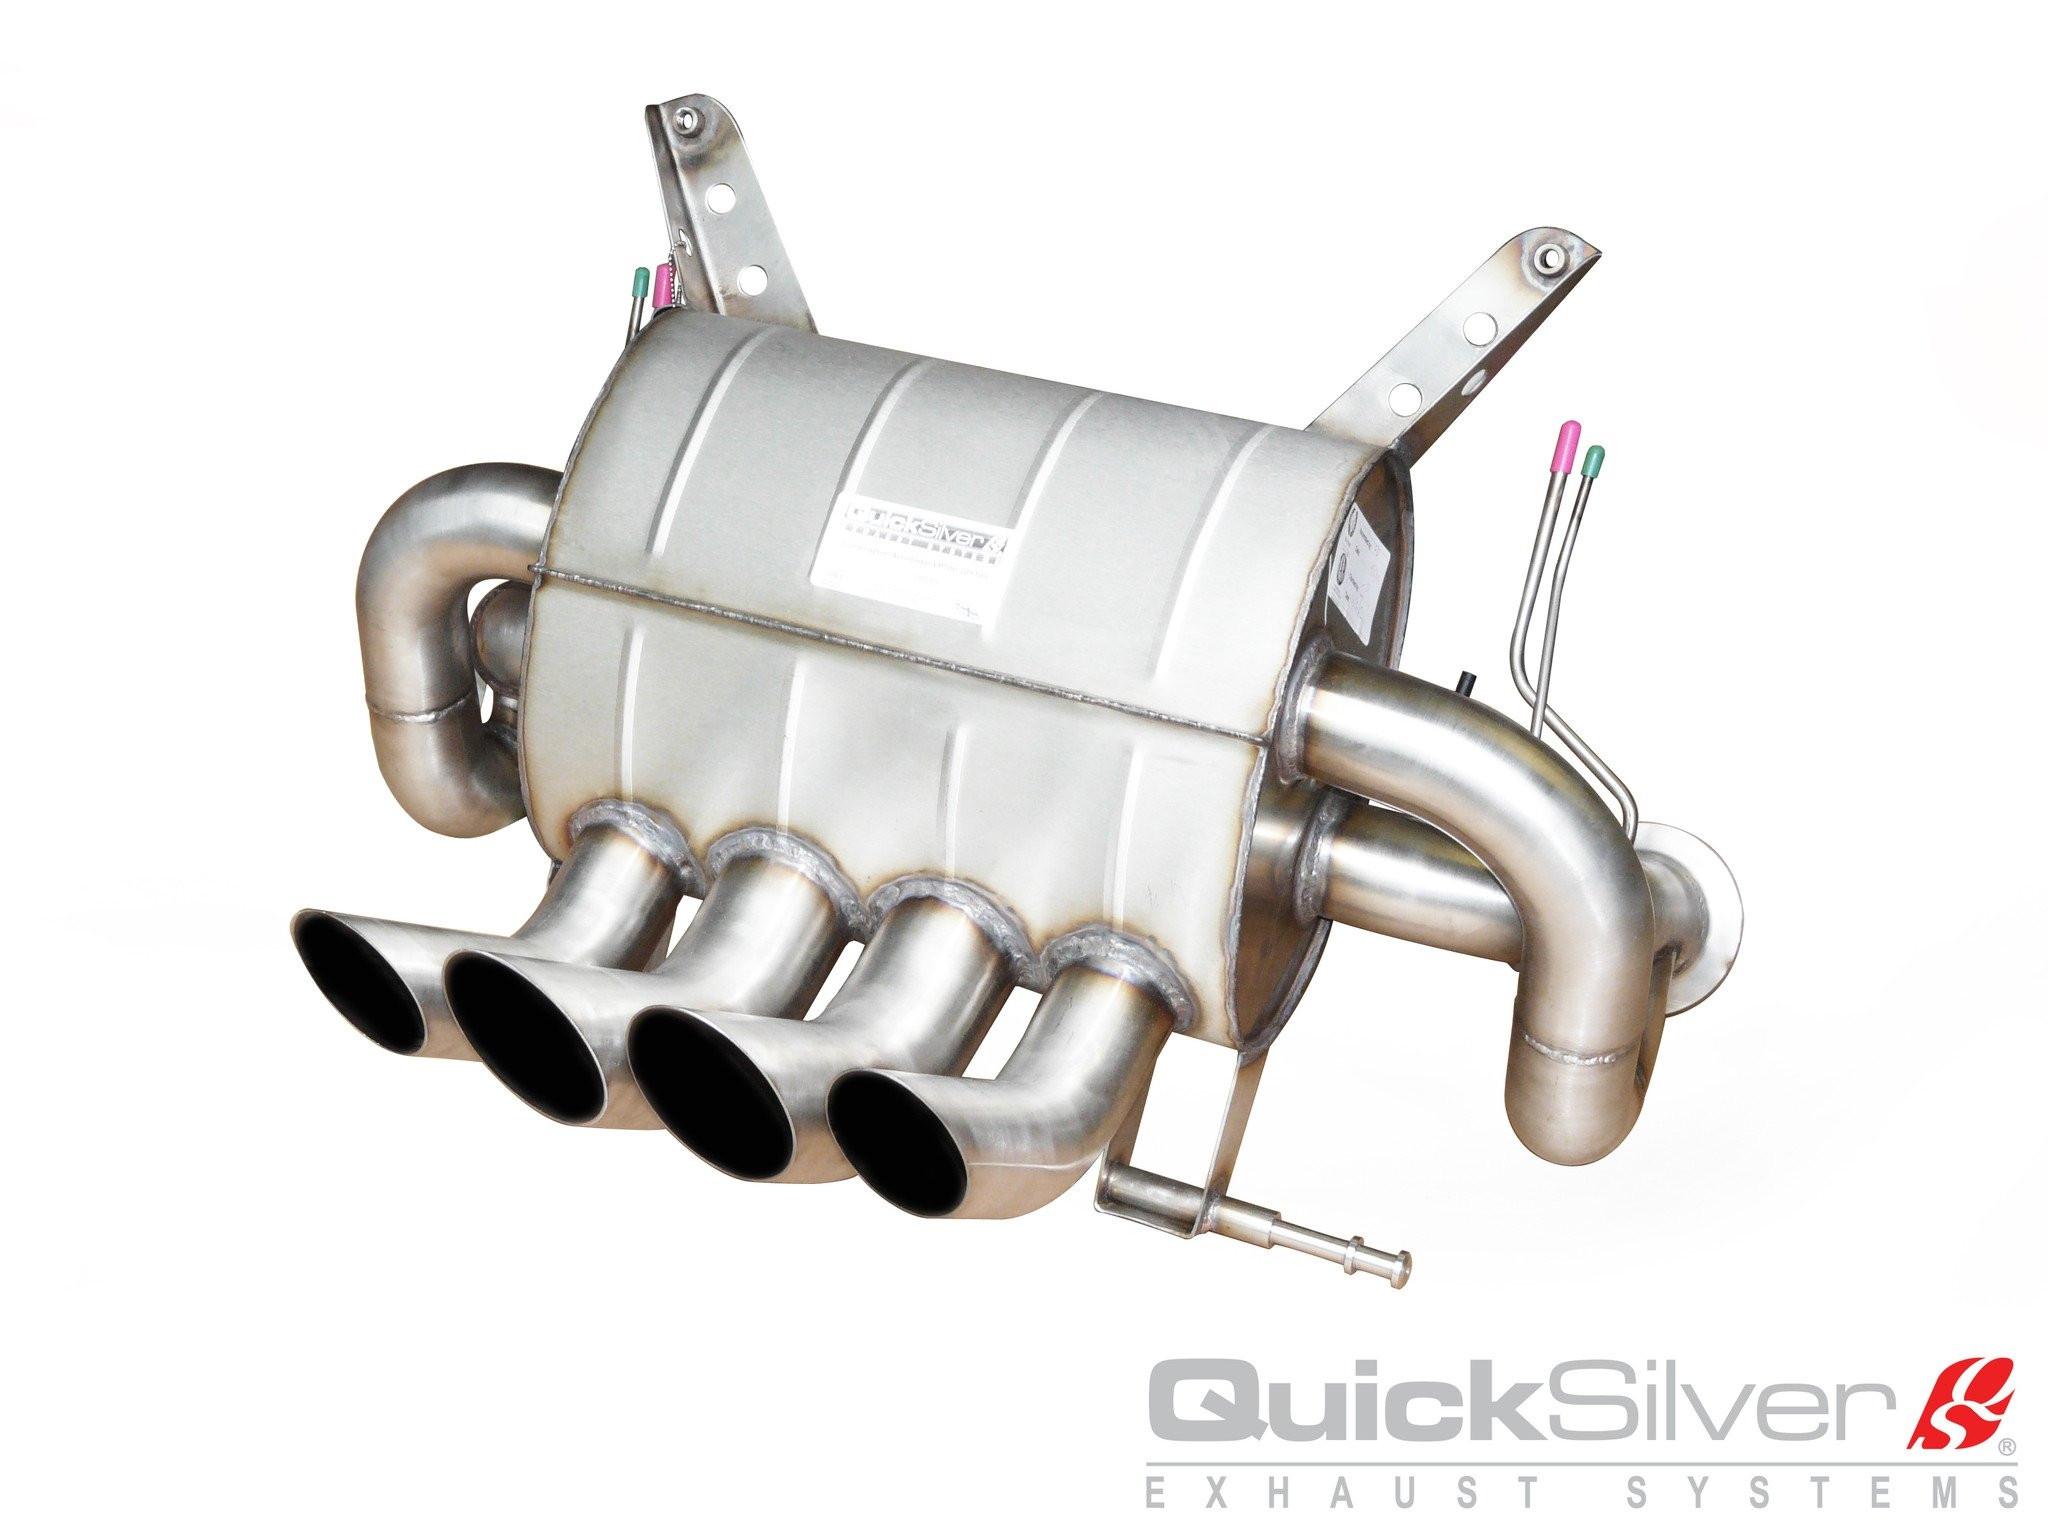 QuickSilver Sportowy układ wydechowy z klapami Aventador